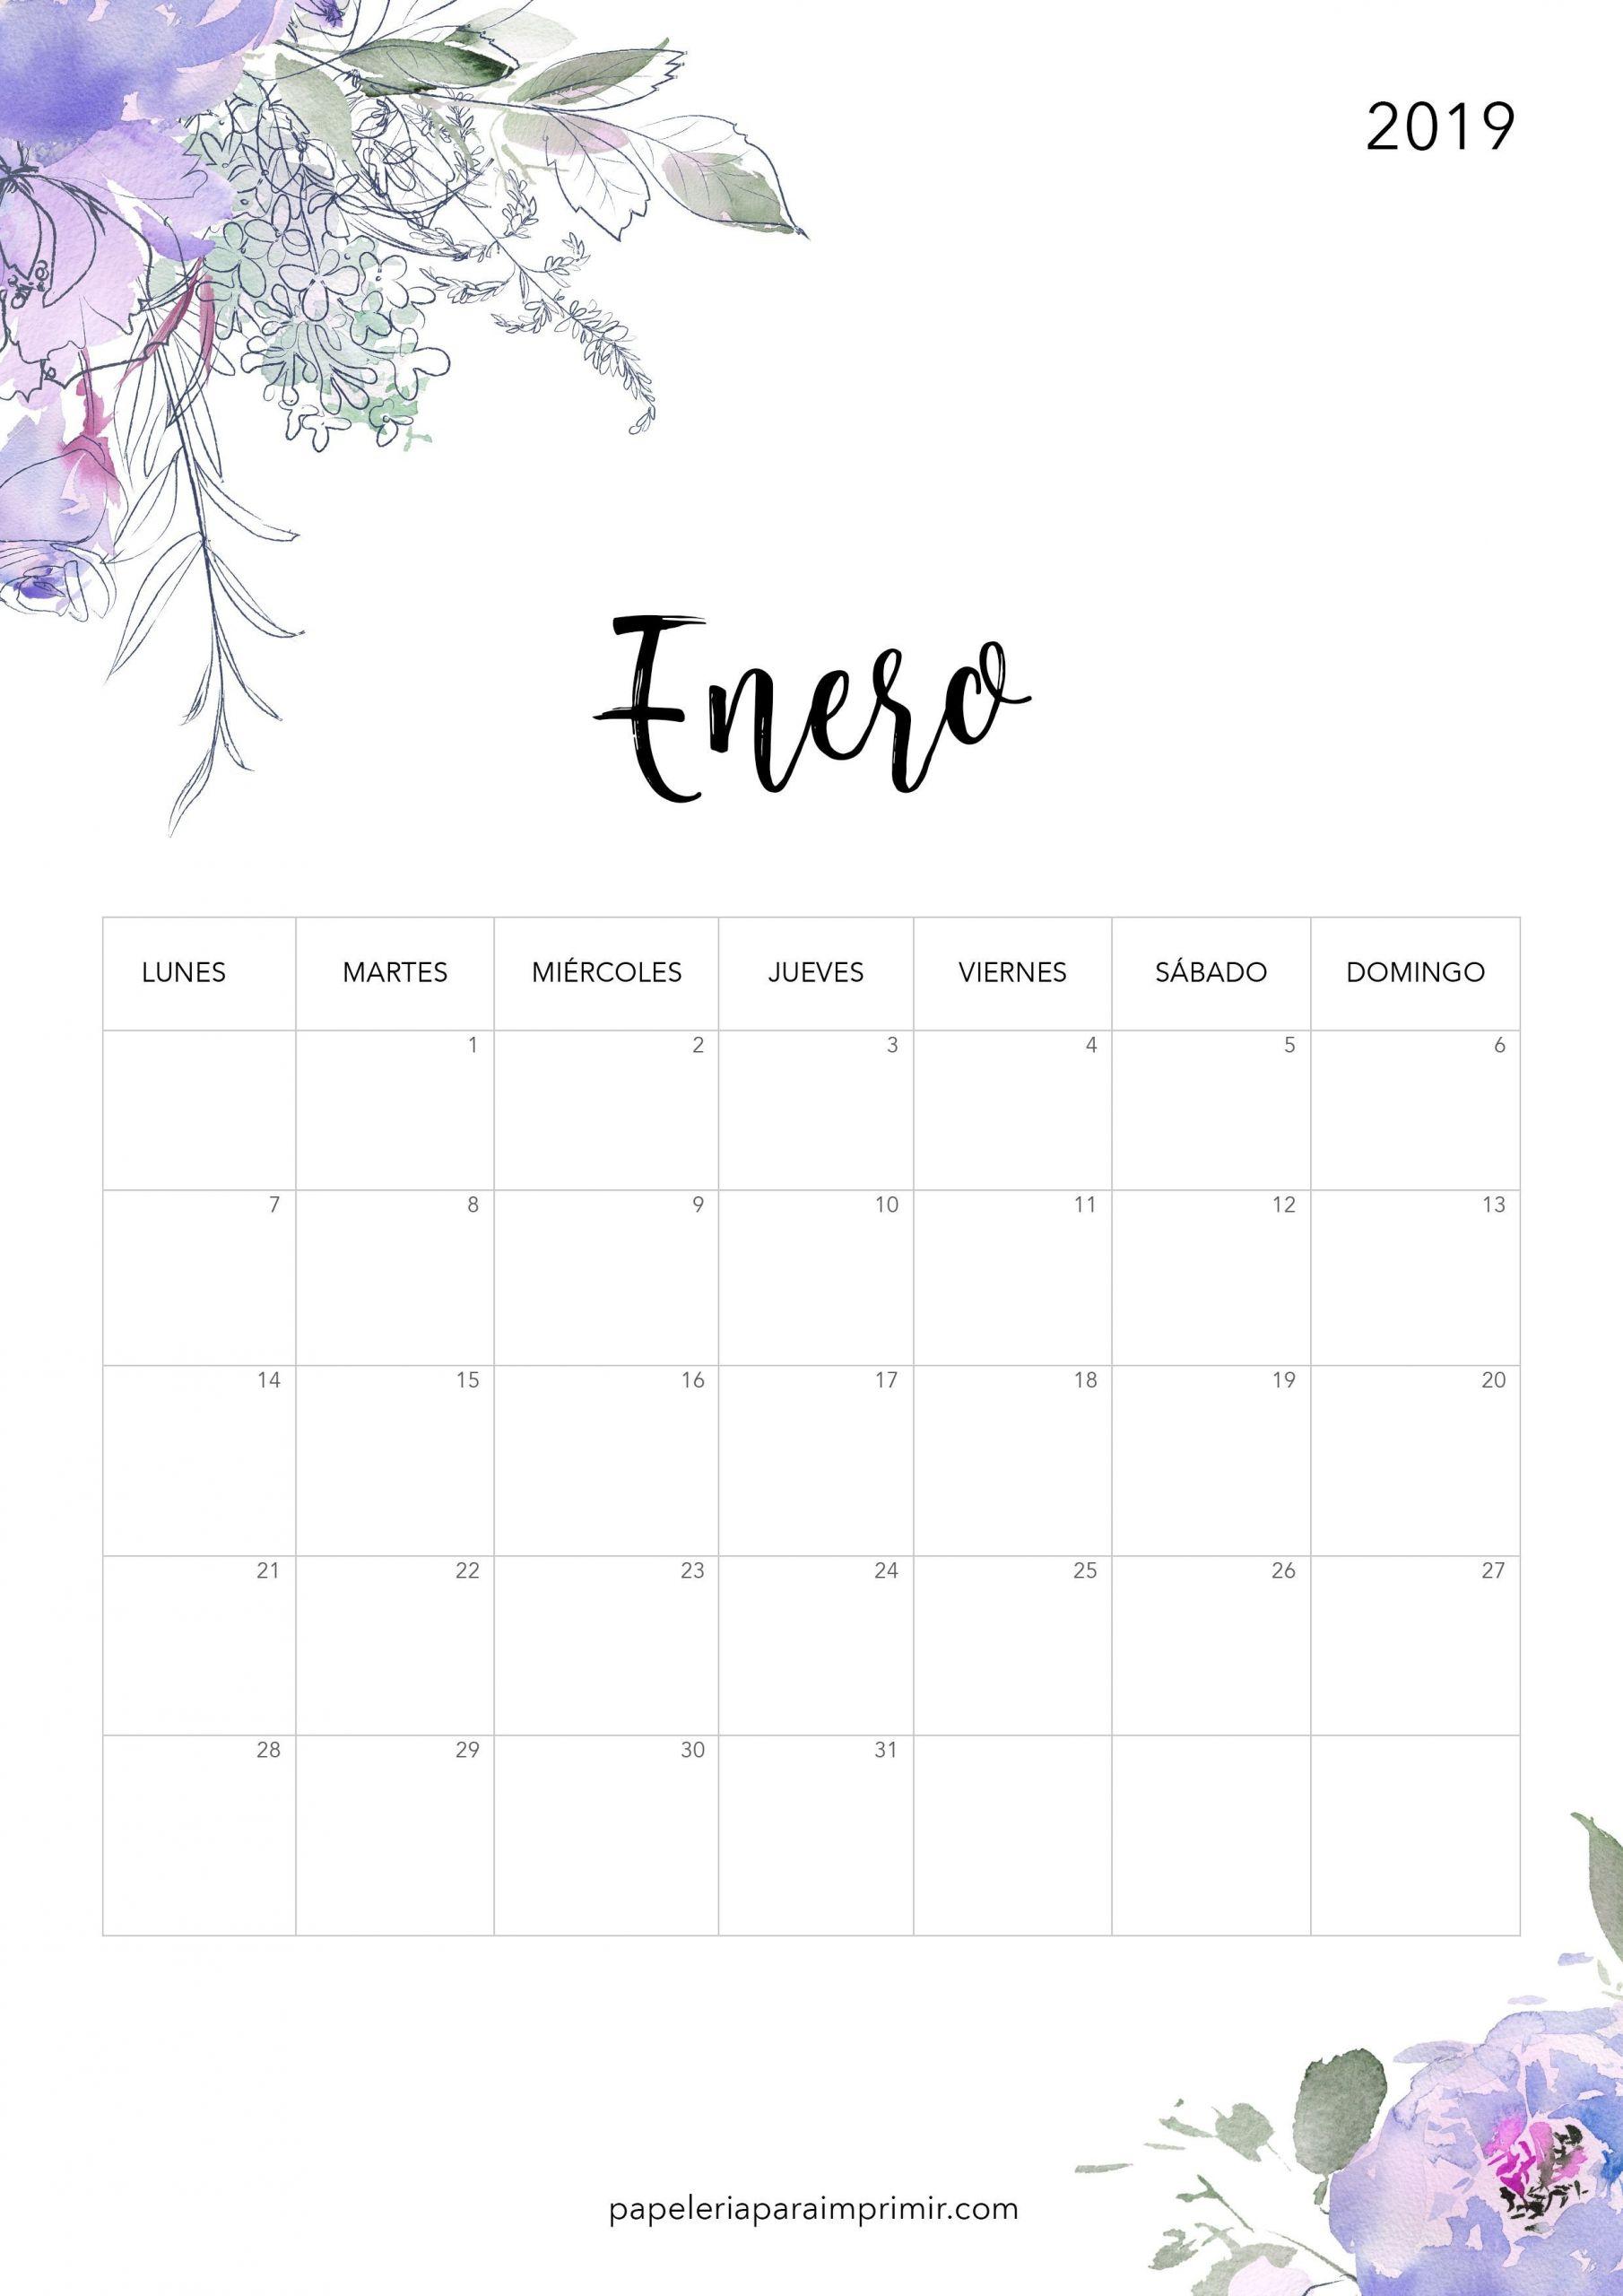 calendario mes febrero 2017 mas recientes calendario para imprimir 2019 enero calendario imprimir enero of calendario mes febrero 2017